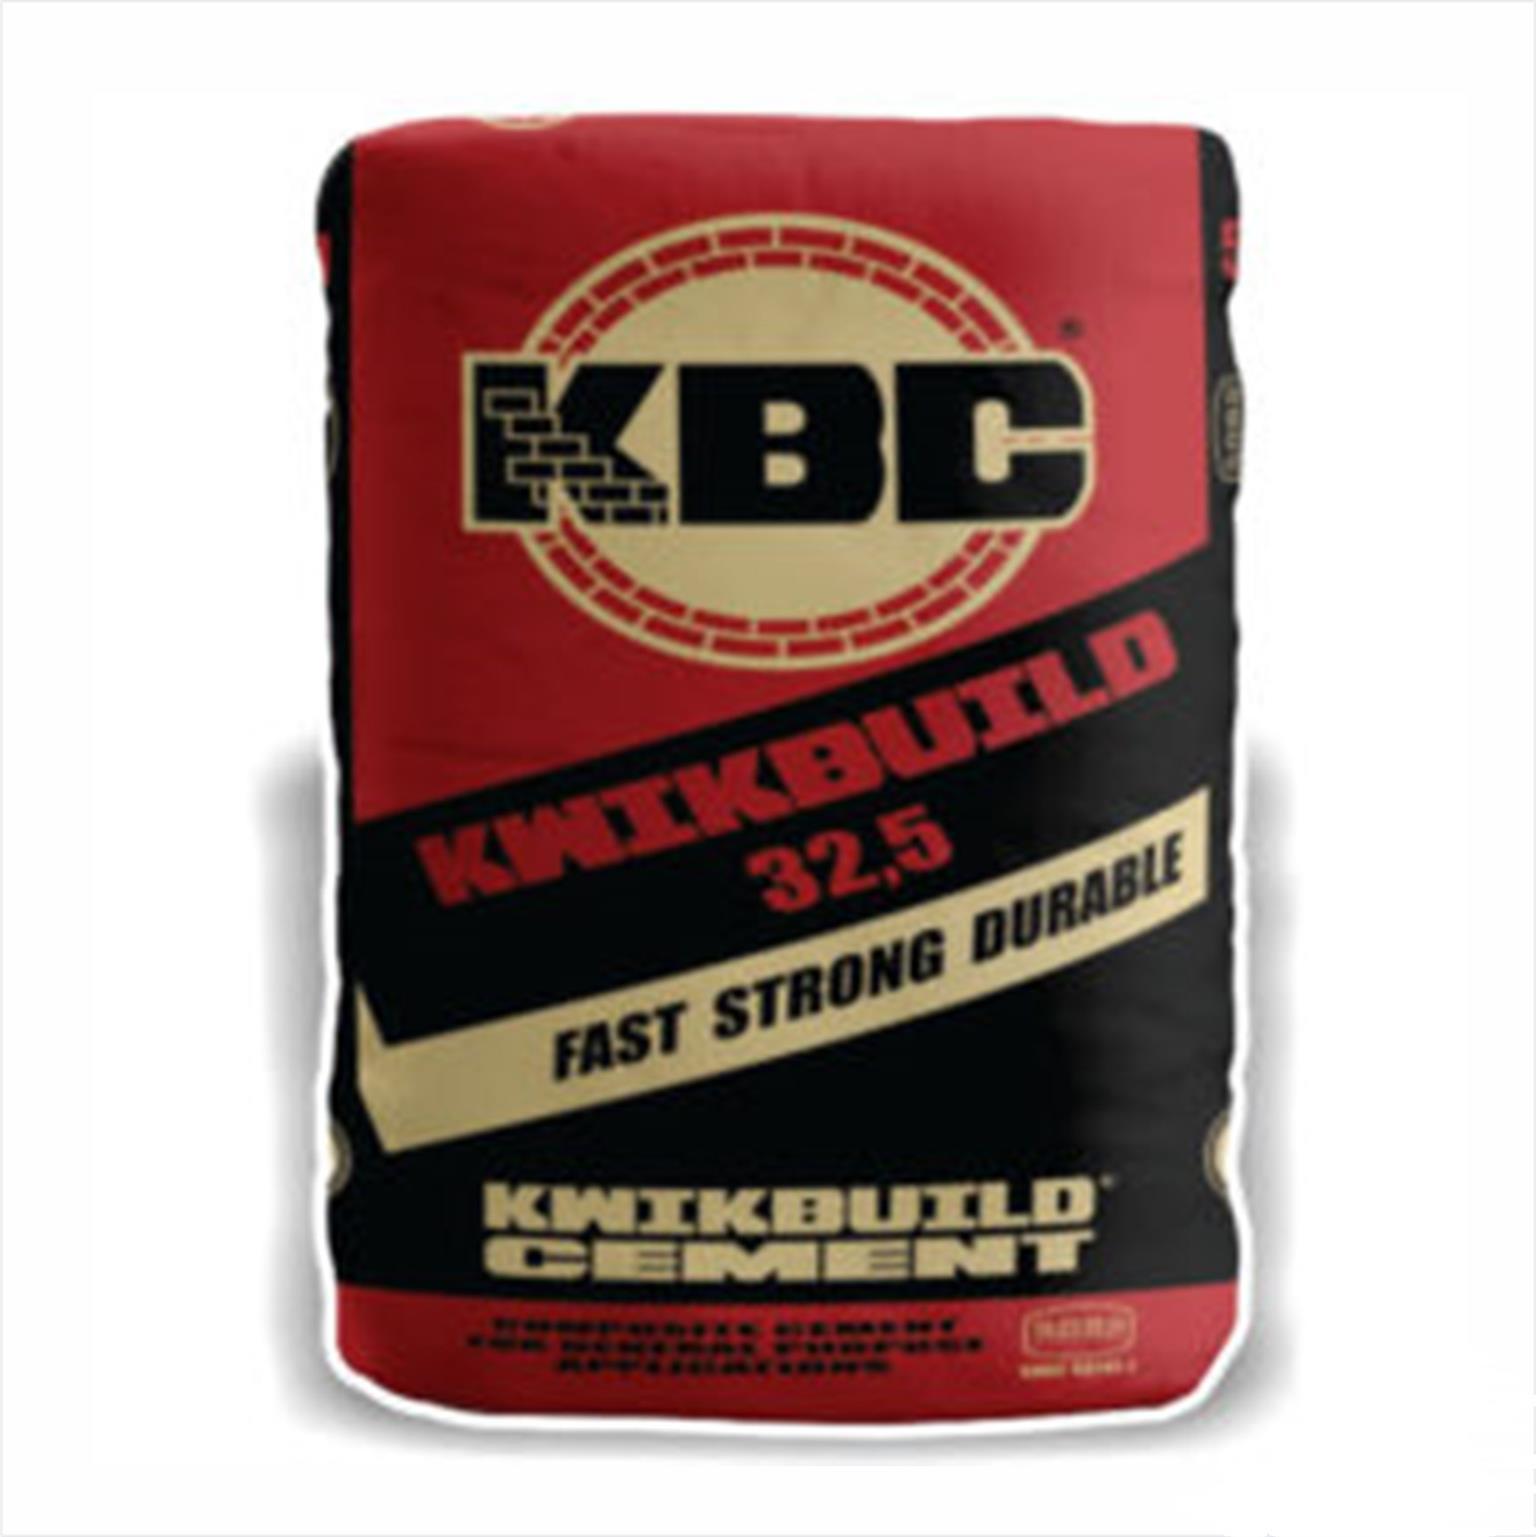 KBC - KWIKBUILD CEMENT